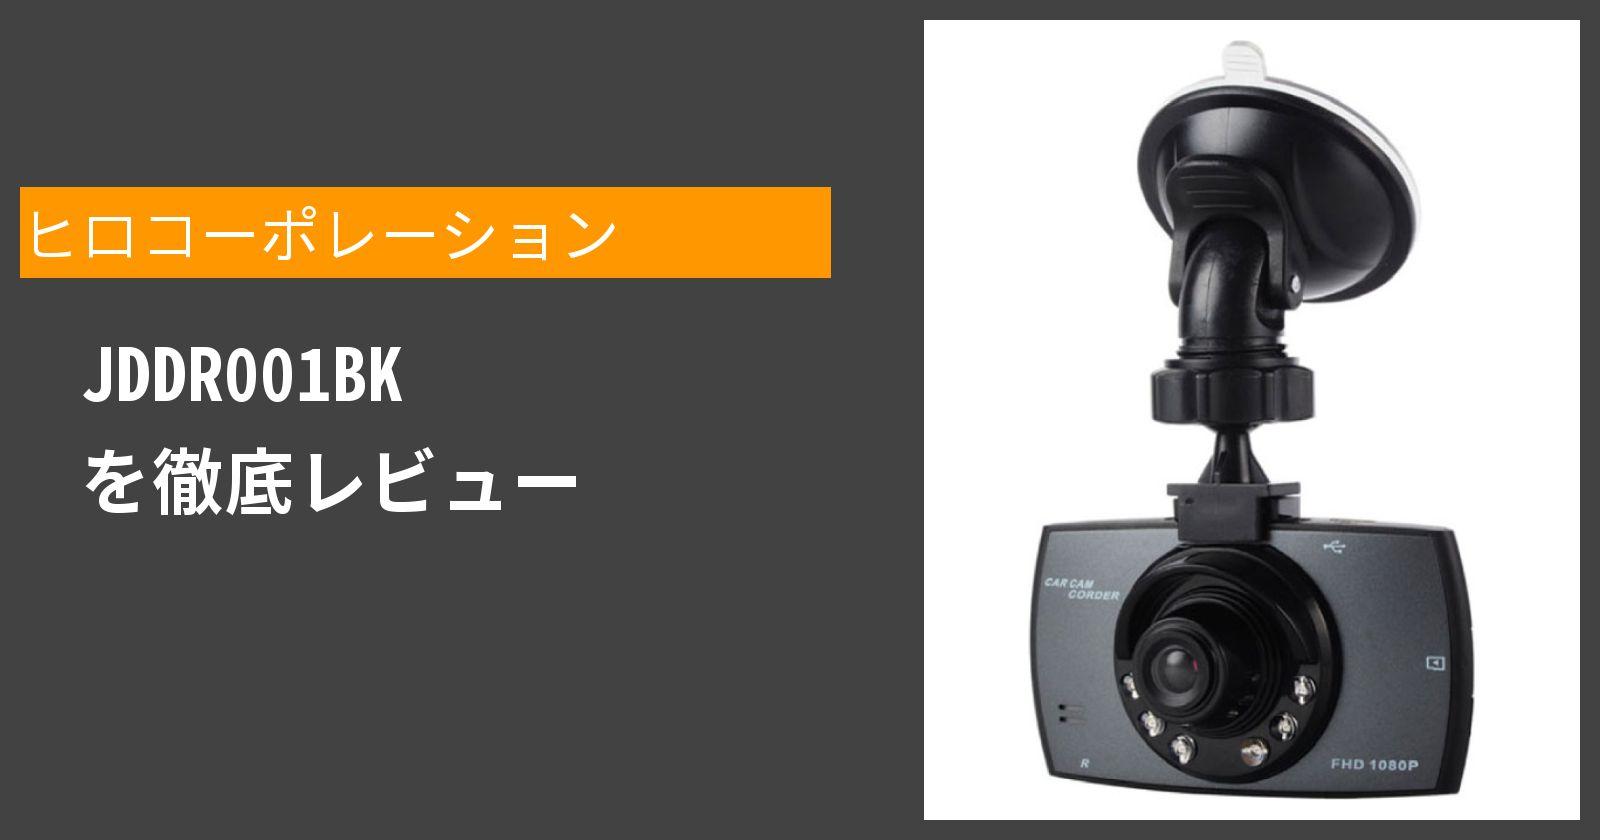 JDDR001BKを徹底評価